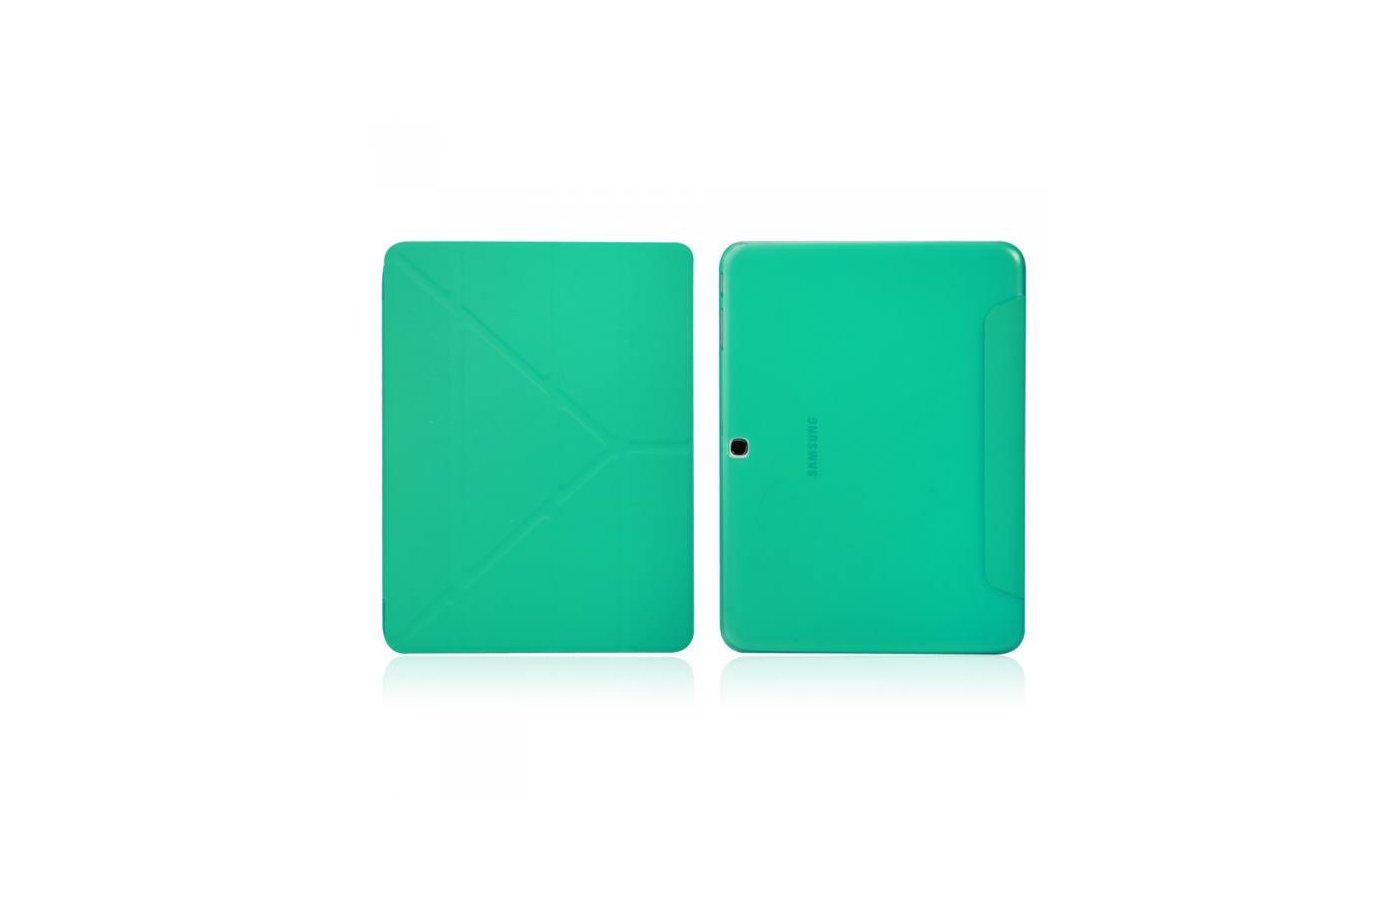 Чехол для планшетного ПК IT BAGGAGE для SAMSUNG Galaxy Tab4 10.1 hard case искус. кожа бирюзовый с тонированной задней стенко